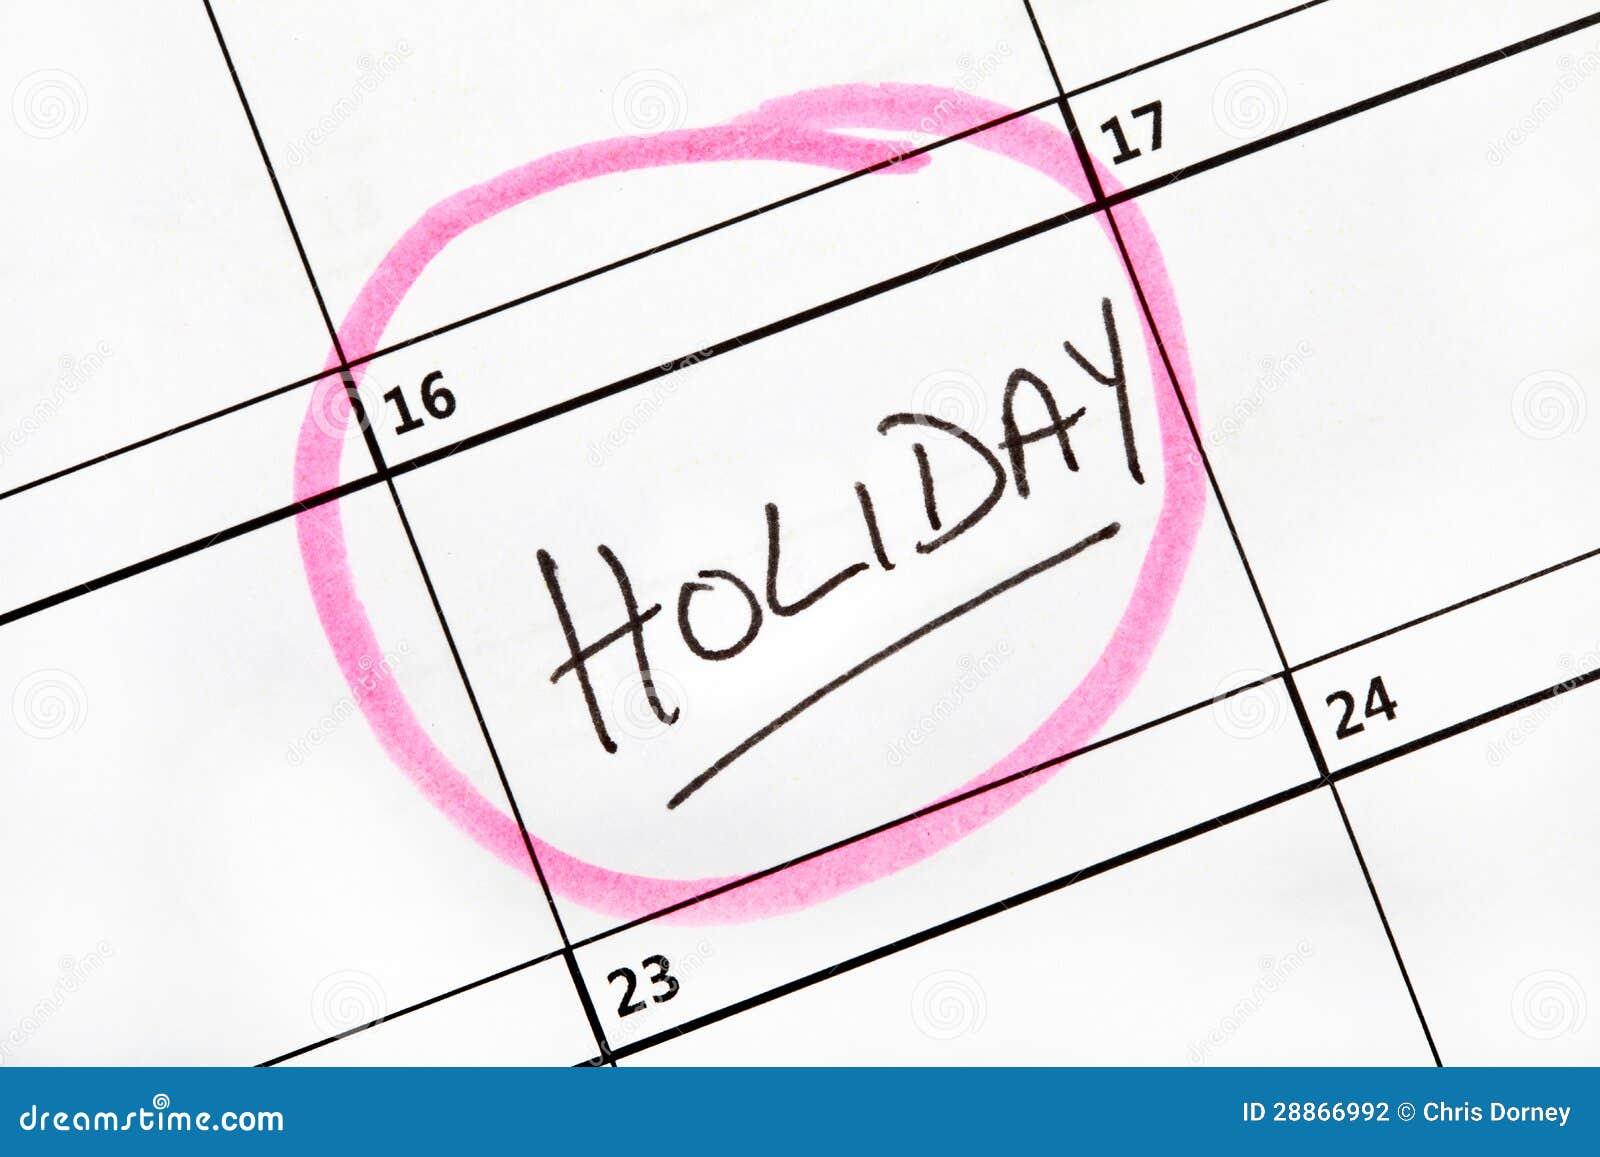 Feiertags-Datum markiert auf einem Kalender.